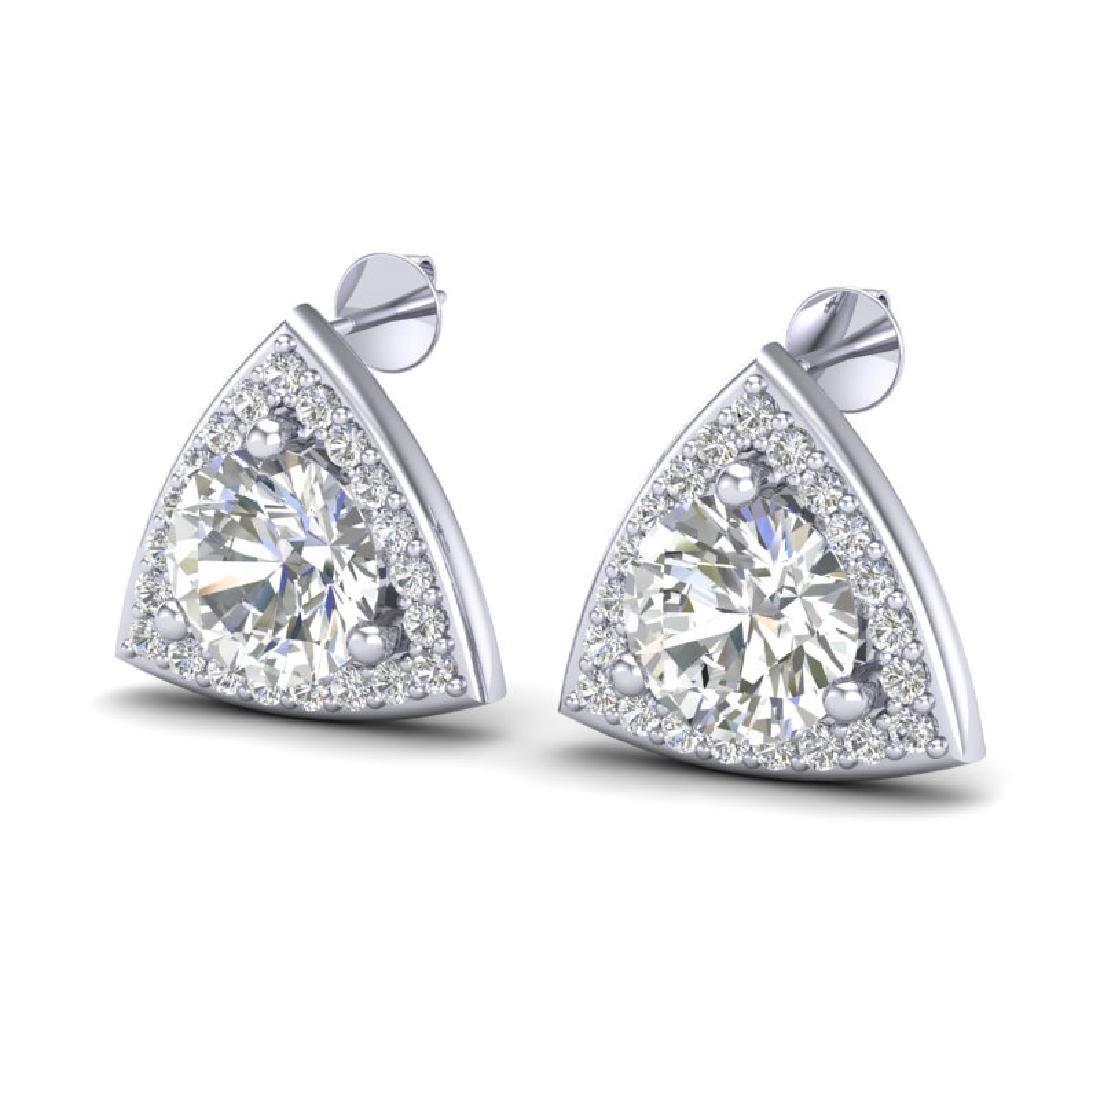 3 CTW VS/SI Diamond Stud Earrings 18K White Gold